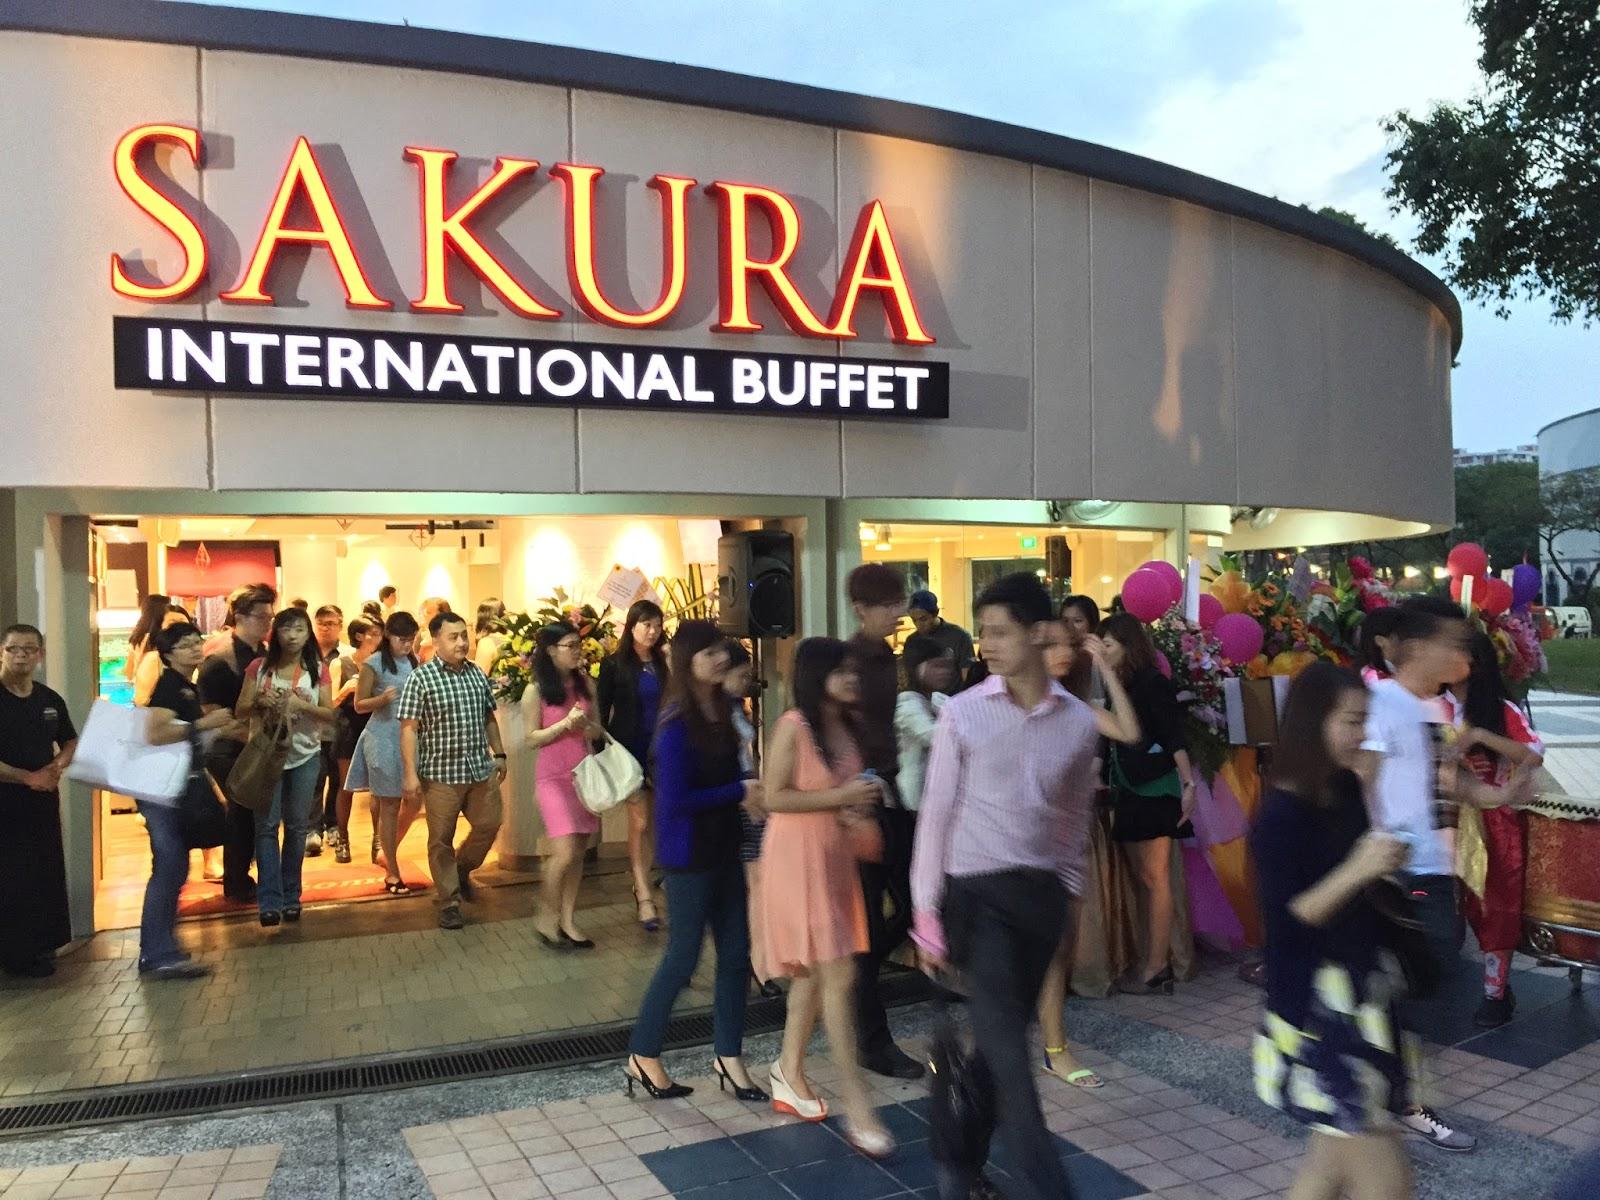 Sakura International Buffet at Yio Chu Kang 2